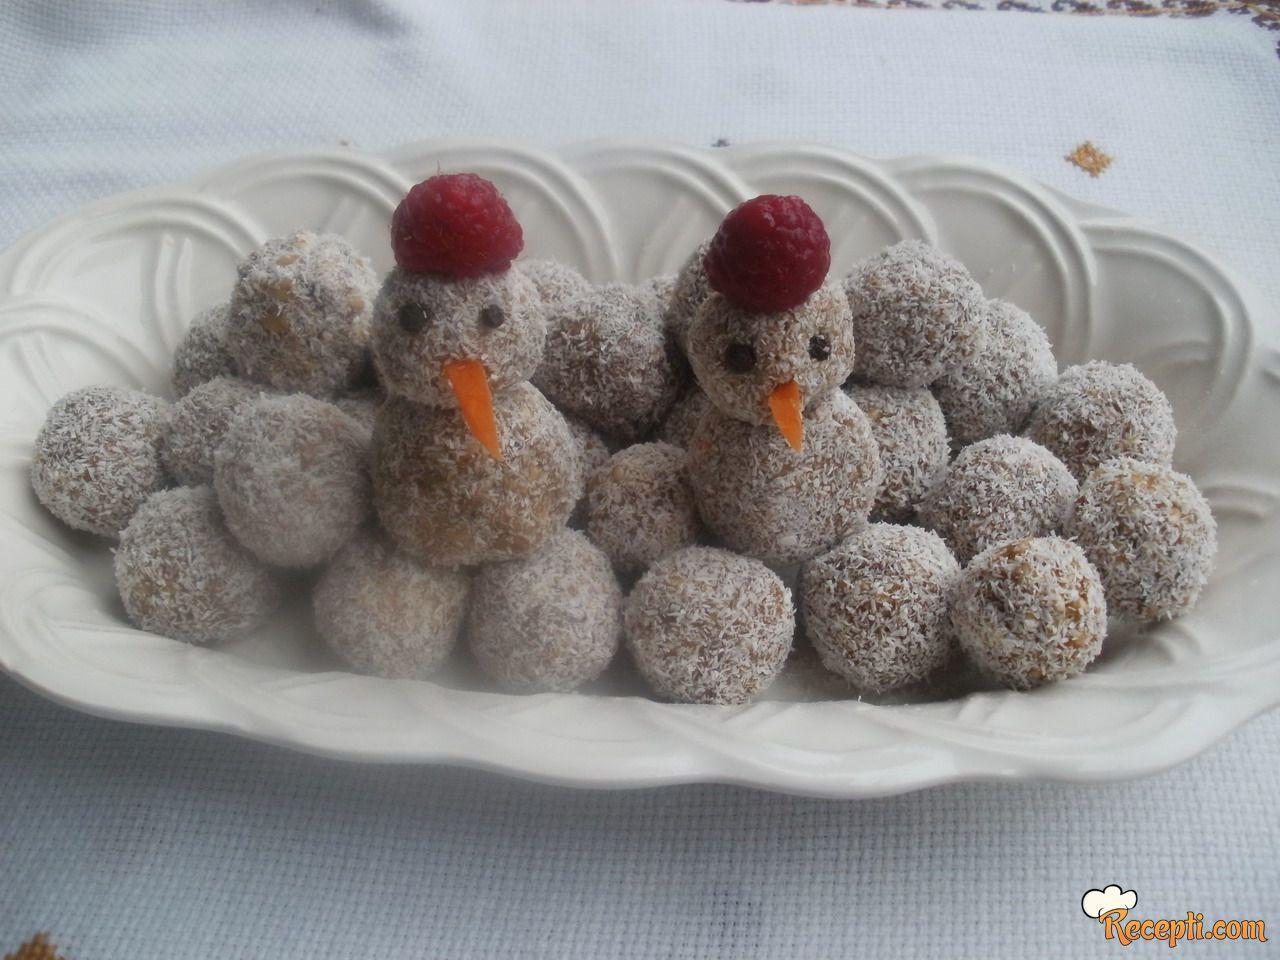 Pšenične kuglice - Sneško belić